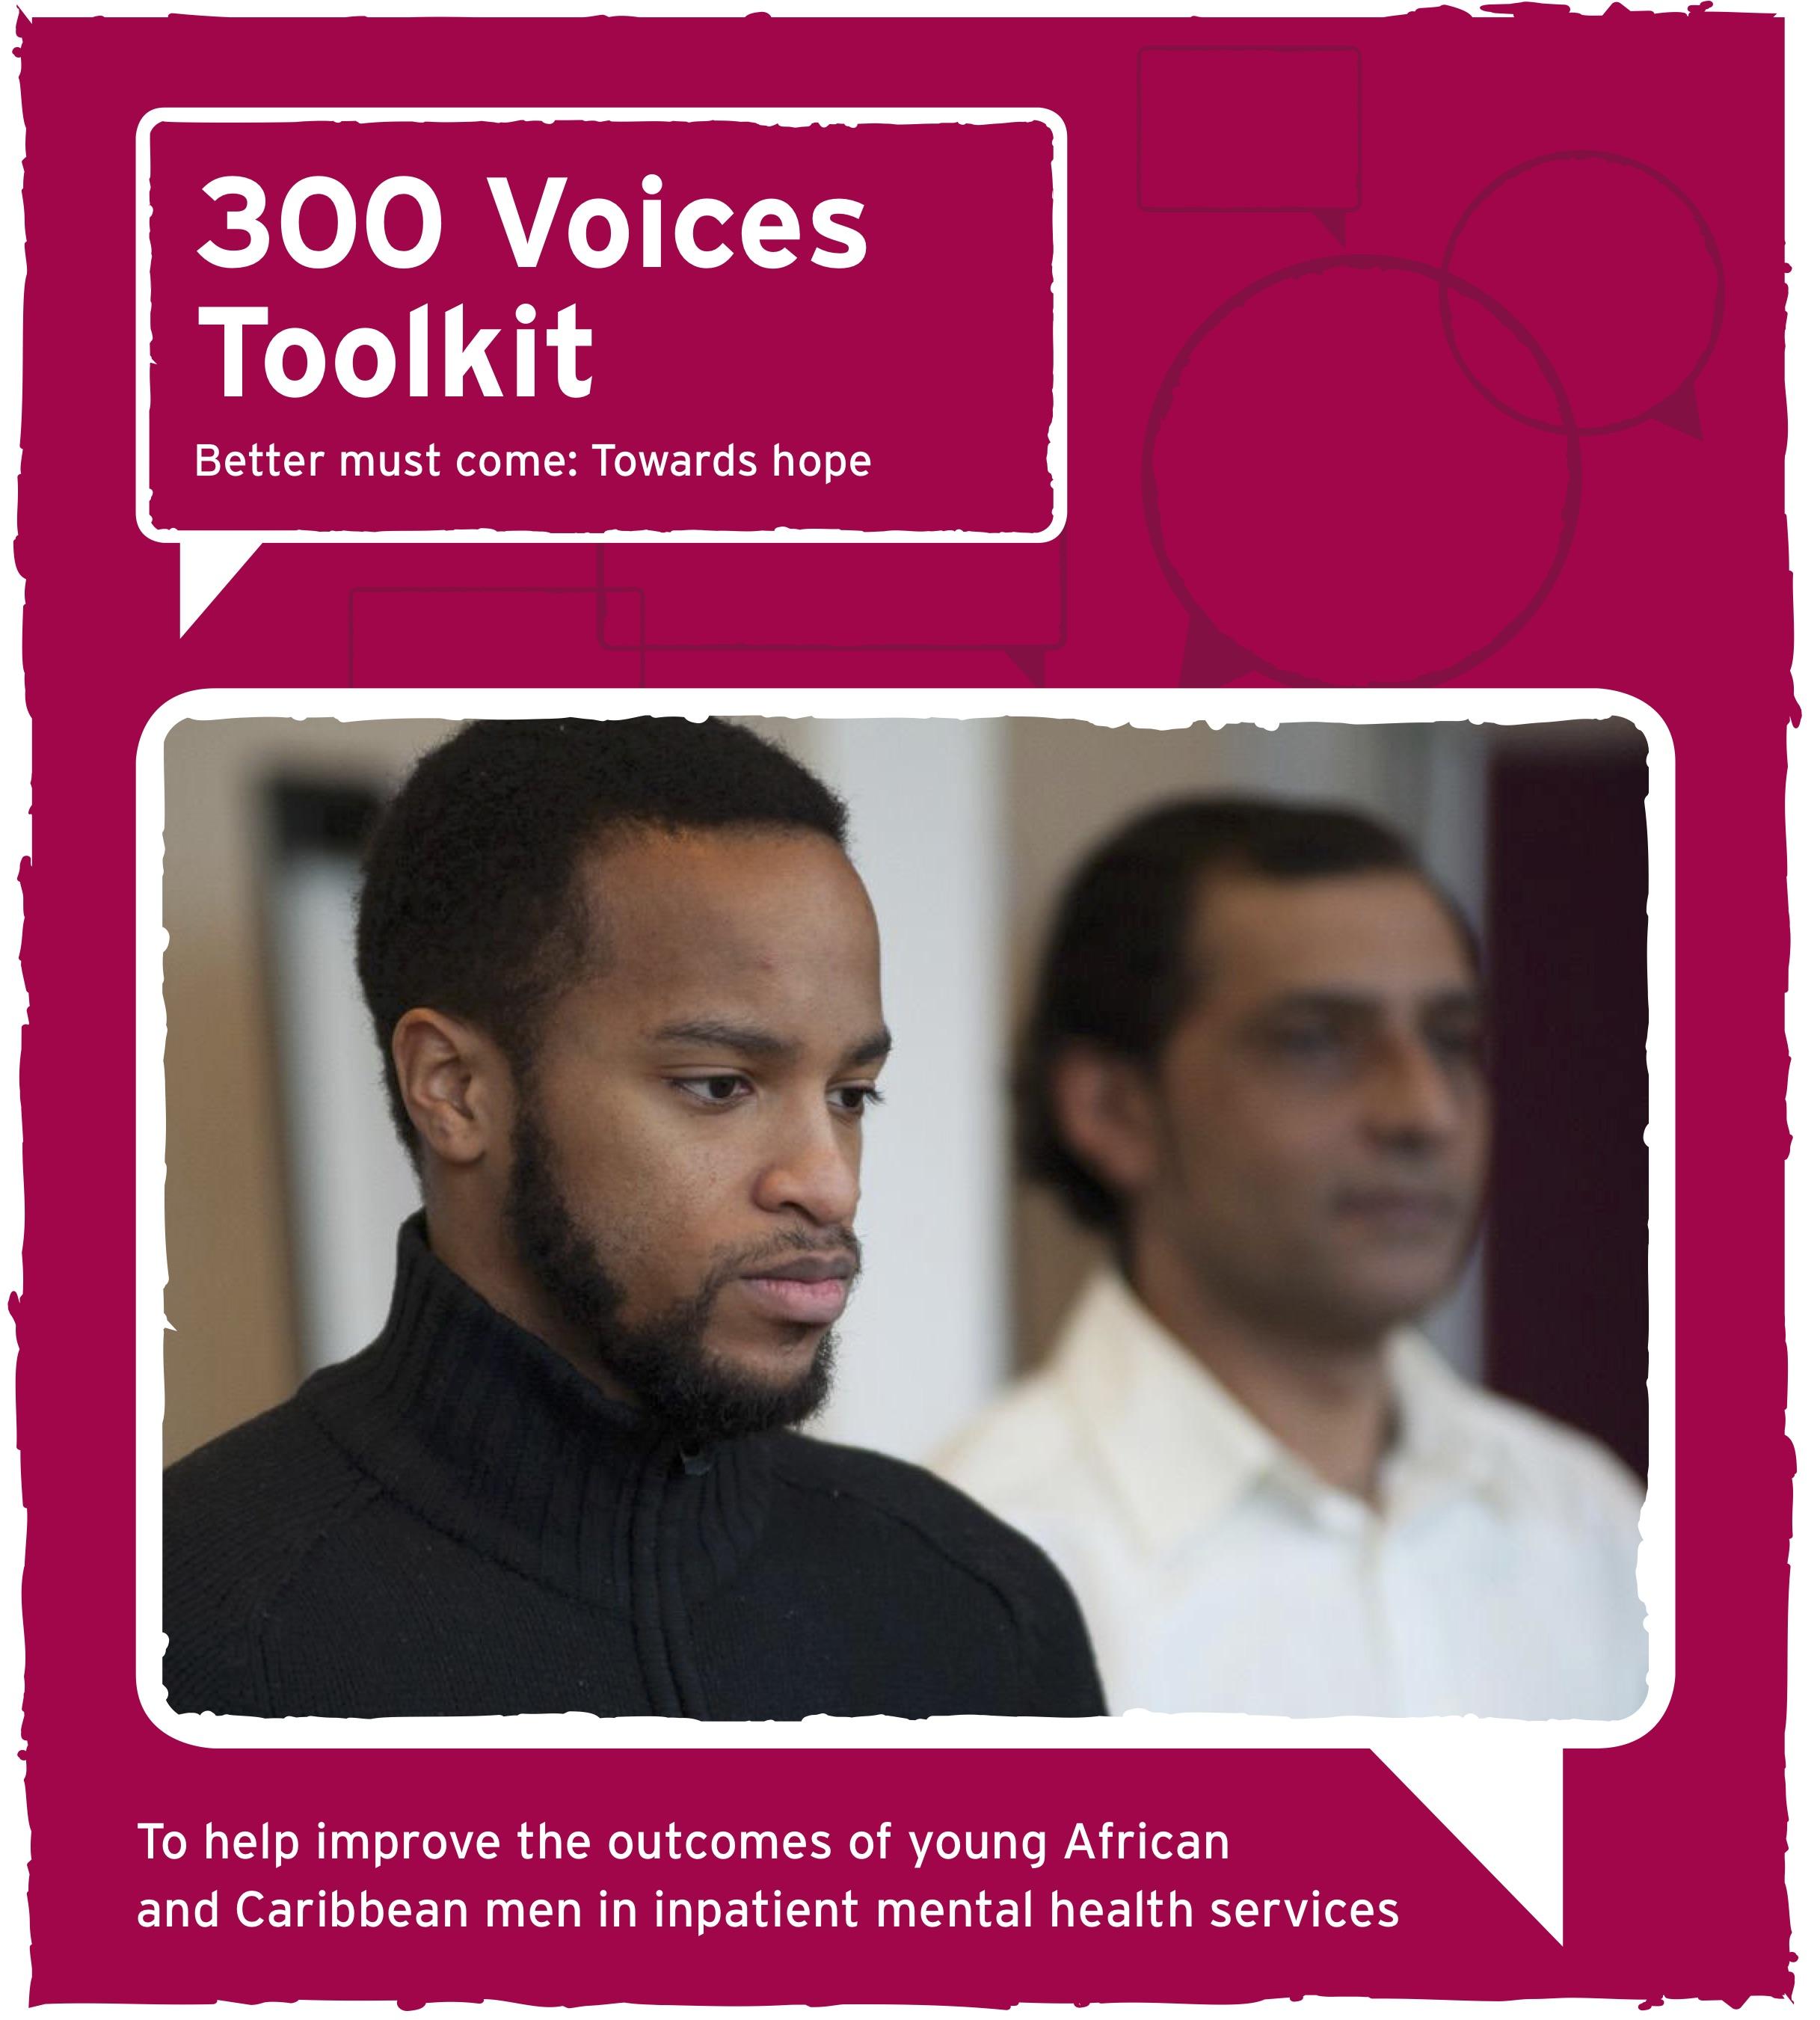 300 voices.jpg